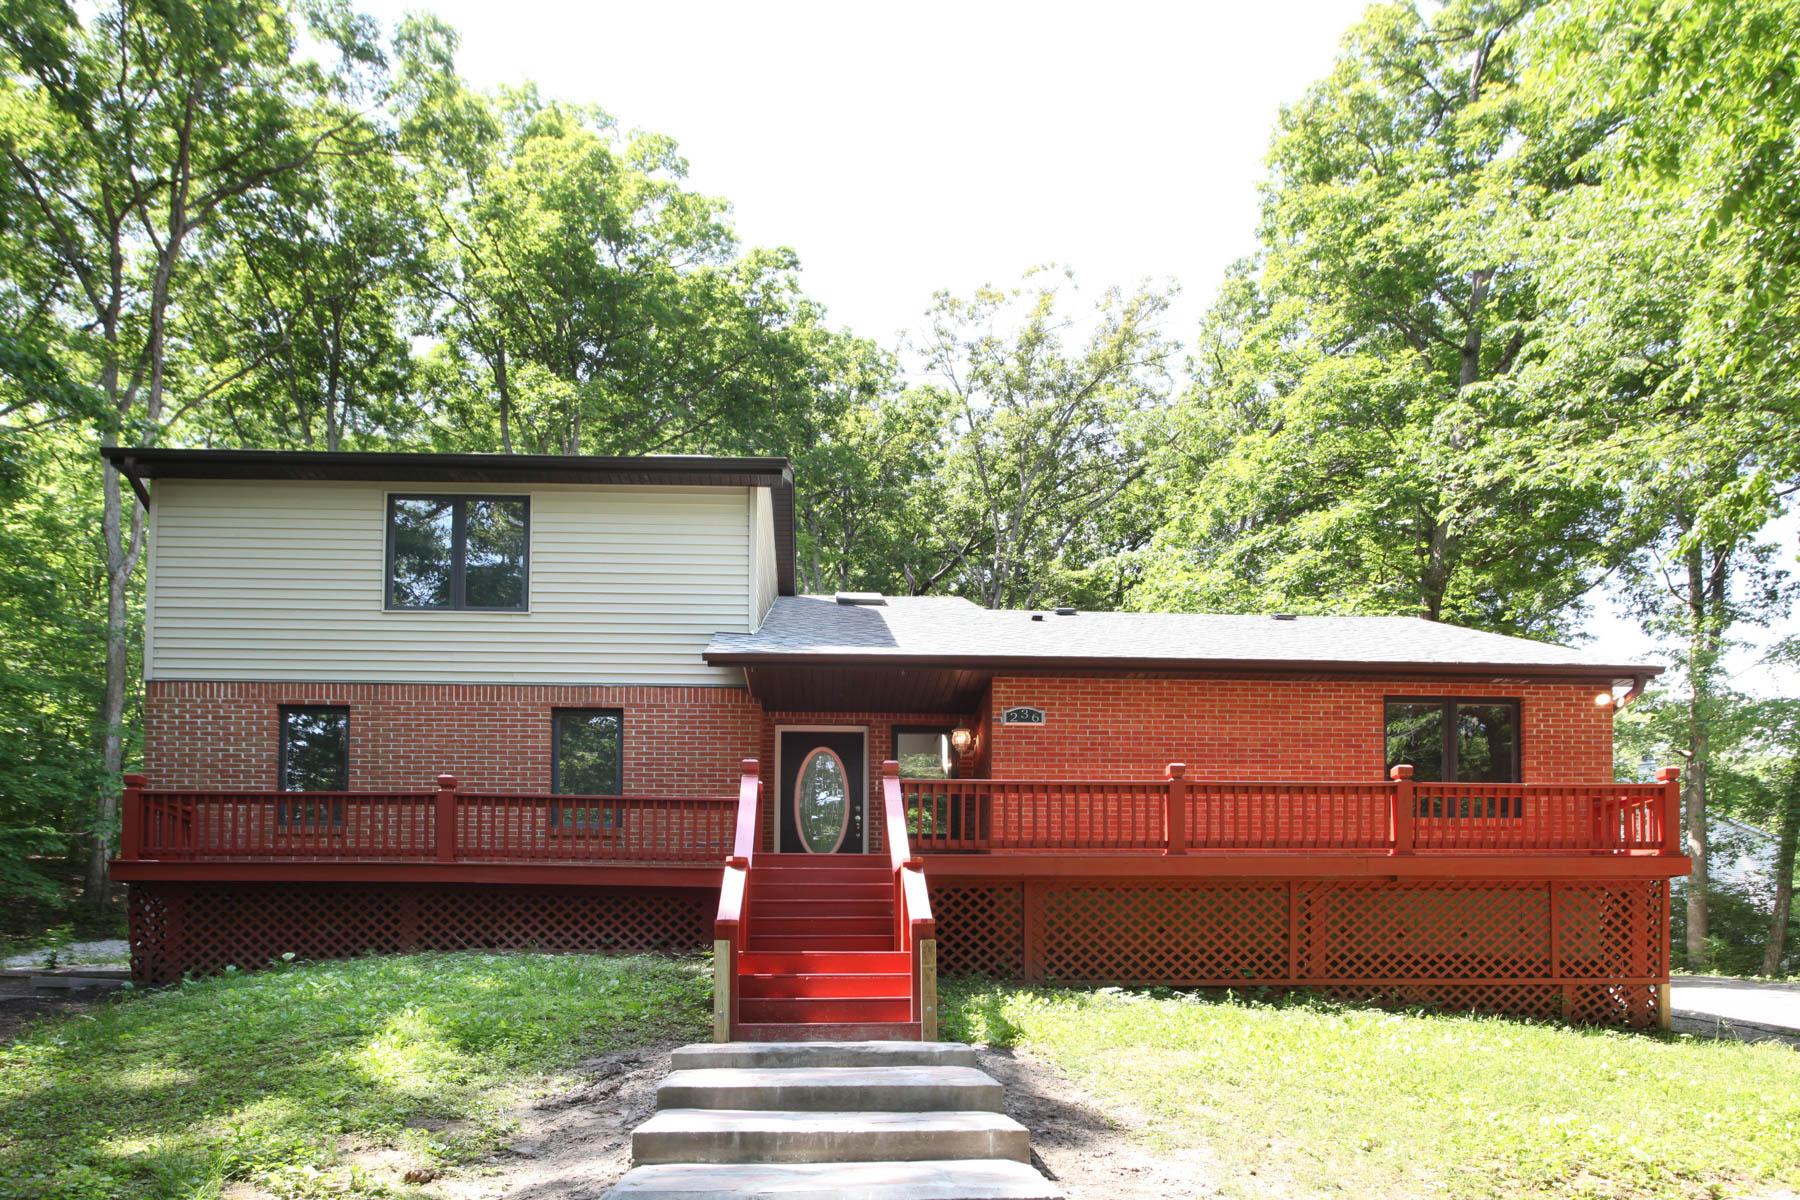 단독 가정 주택 용 매매 에 Hickory Lane 236 Hickory Lane Eureka, 미주리, 63025 미국